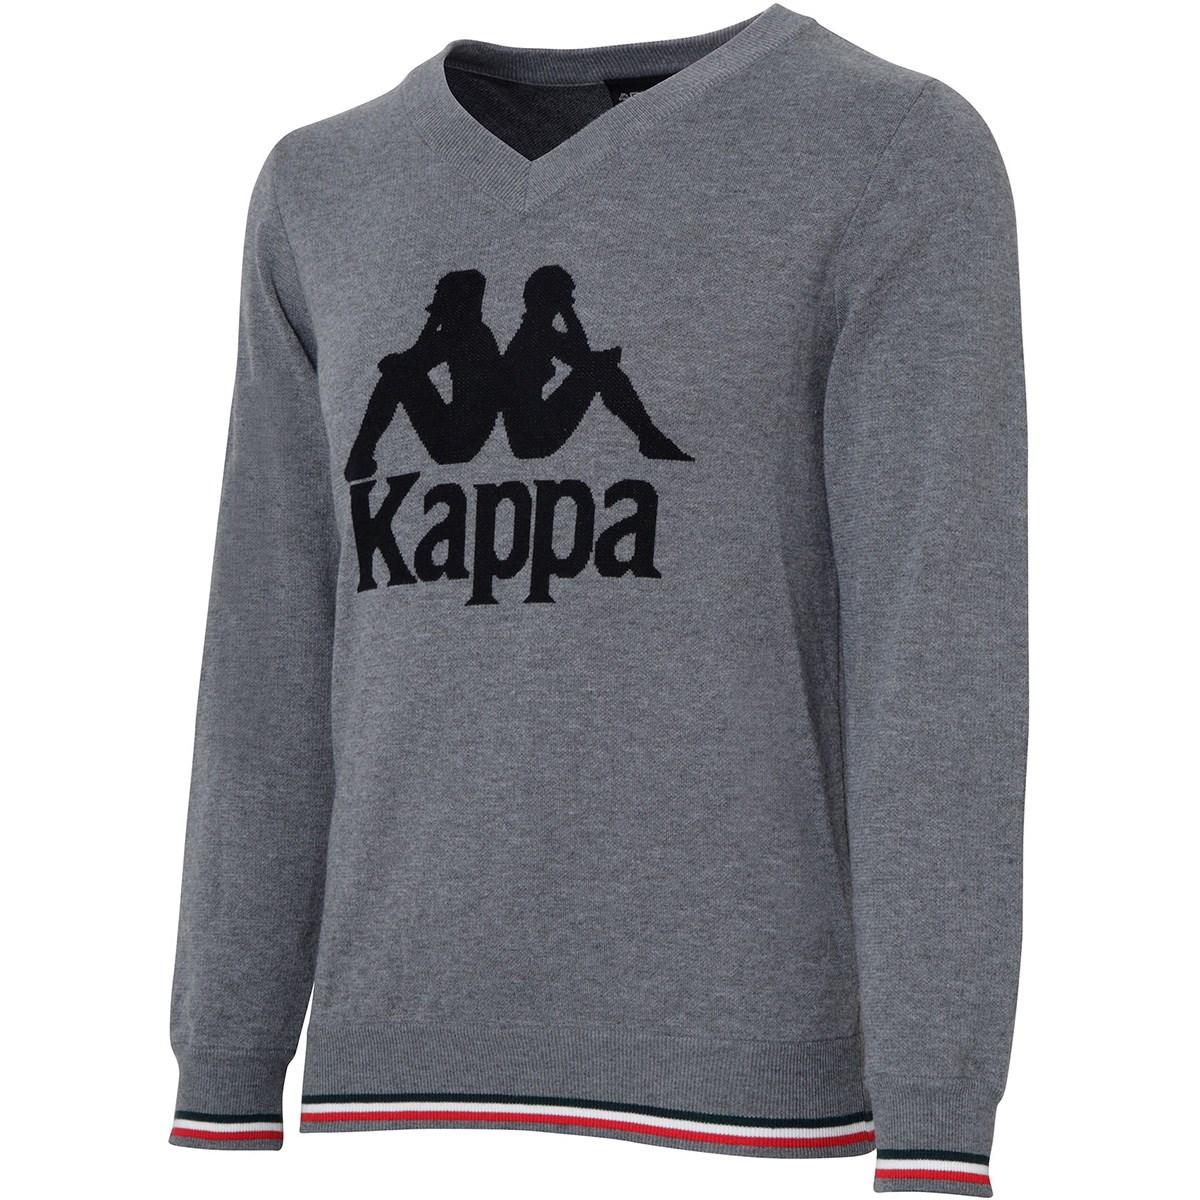 カッパ Kappa GOLF BIGオミニVネックセーター